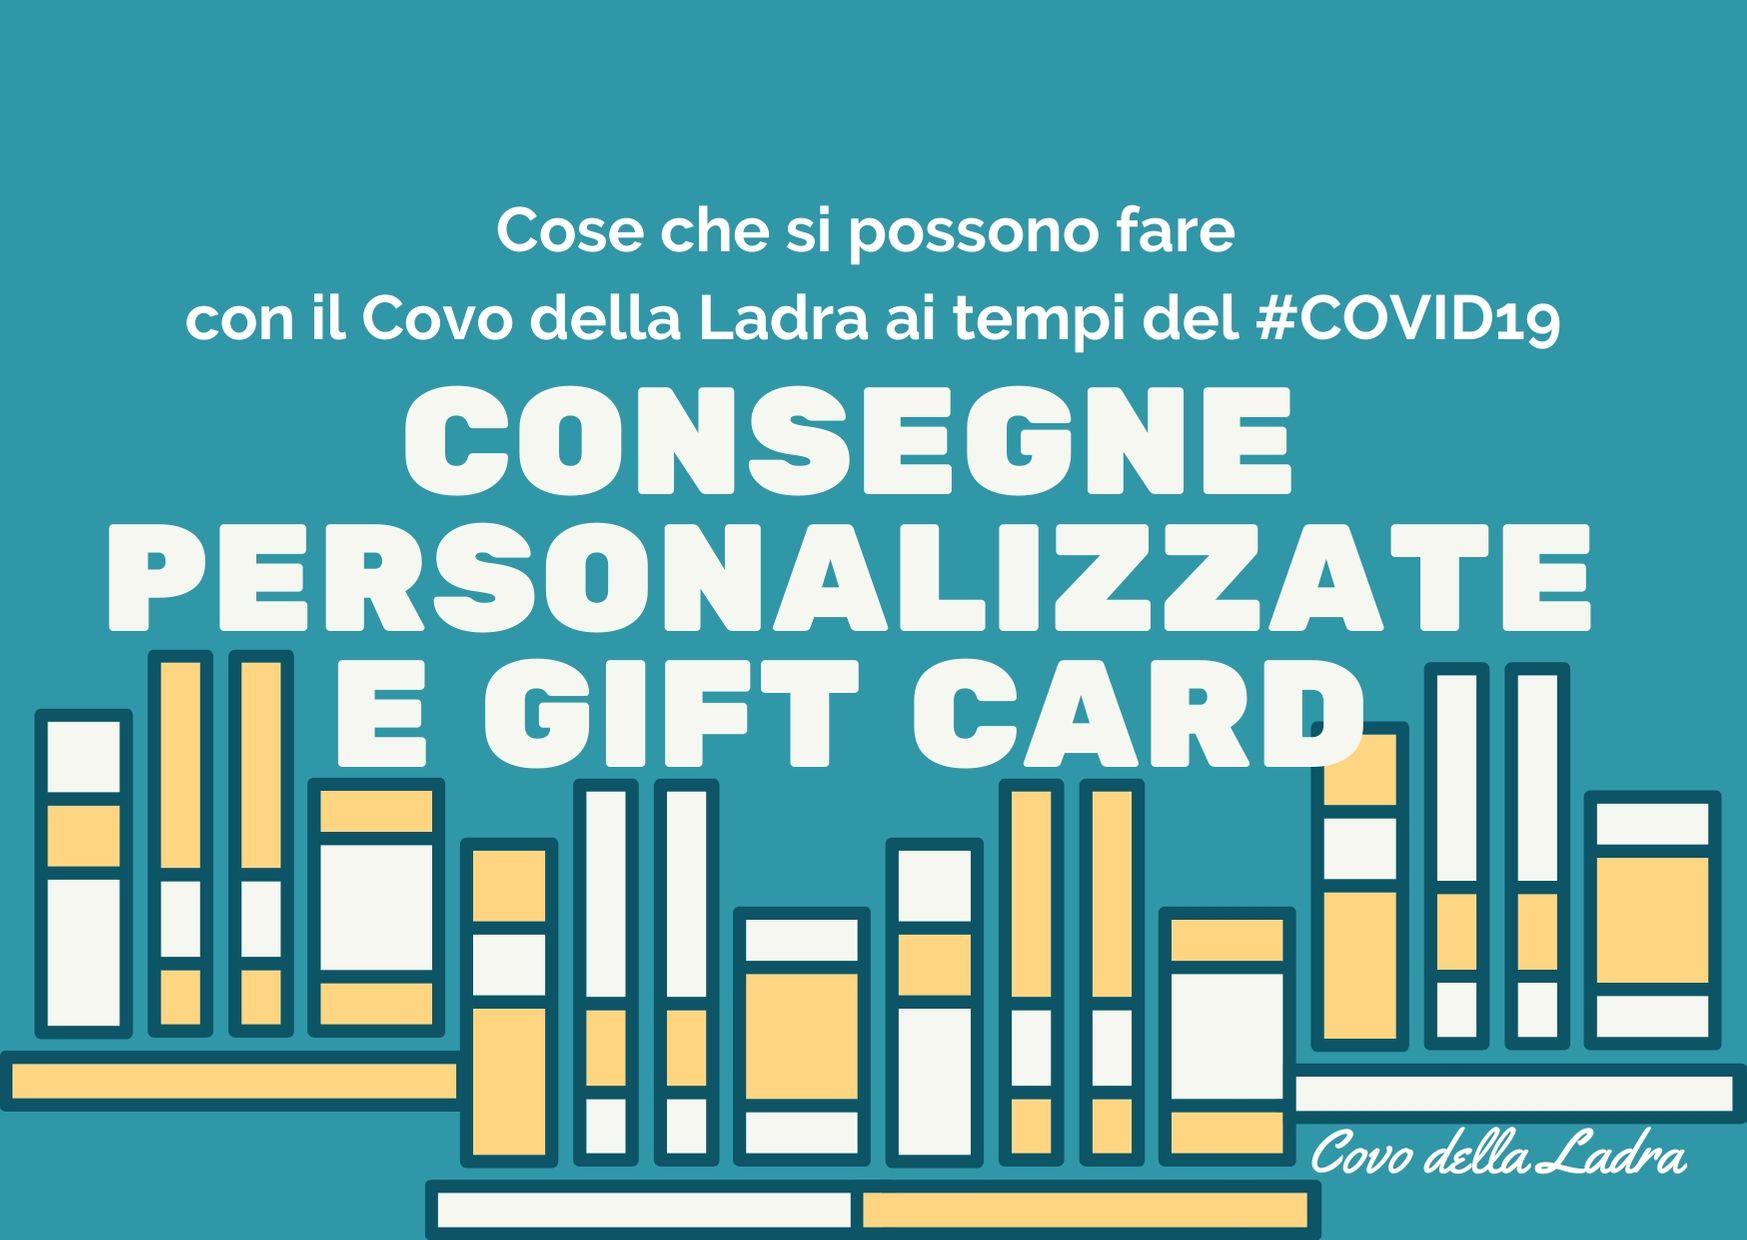 Consegna personalizzata e gift Card